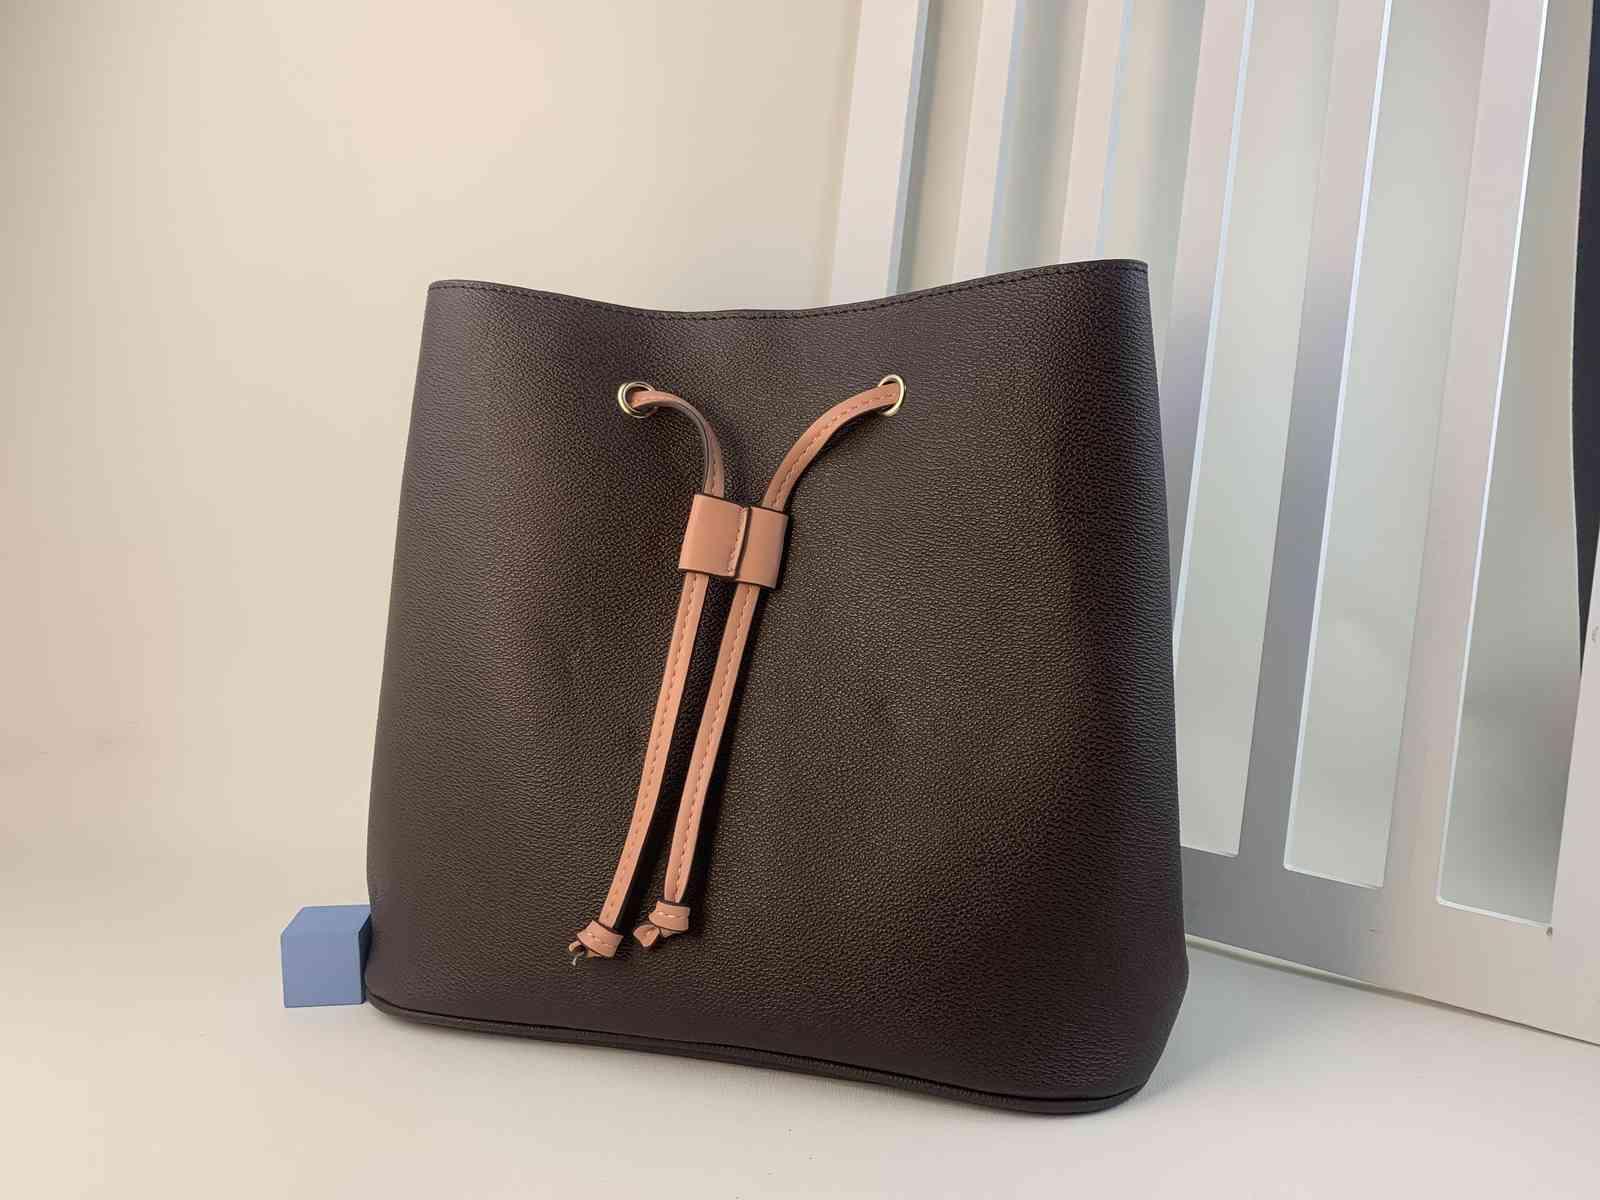 2022 Женская кожаная сумка на плечо роскошки дизайнеров сумки сумки сумки женские сумка сумка для моды мод